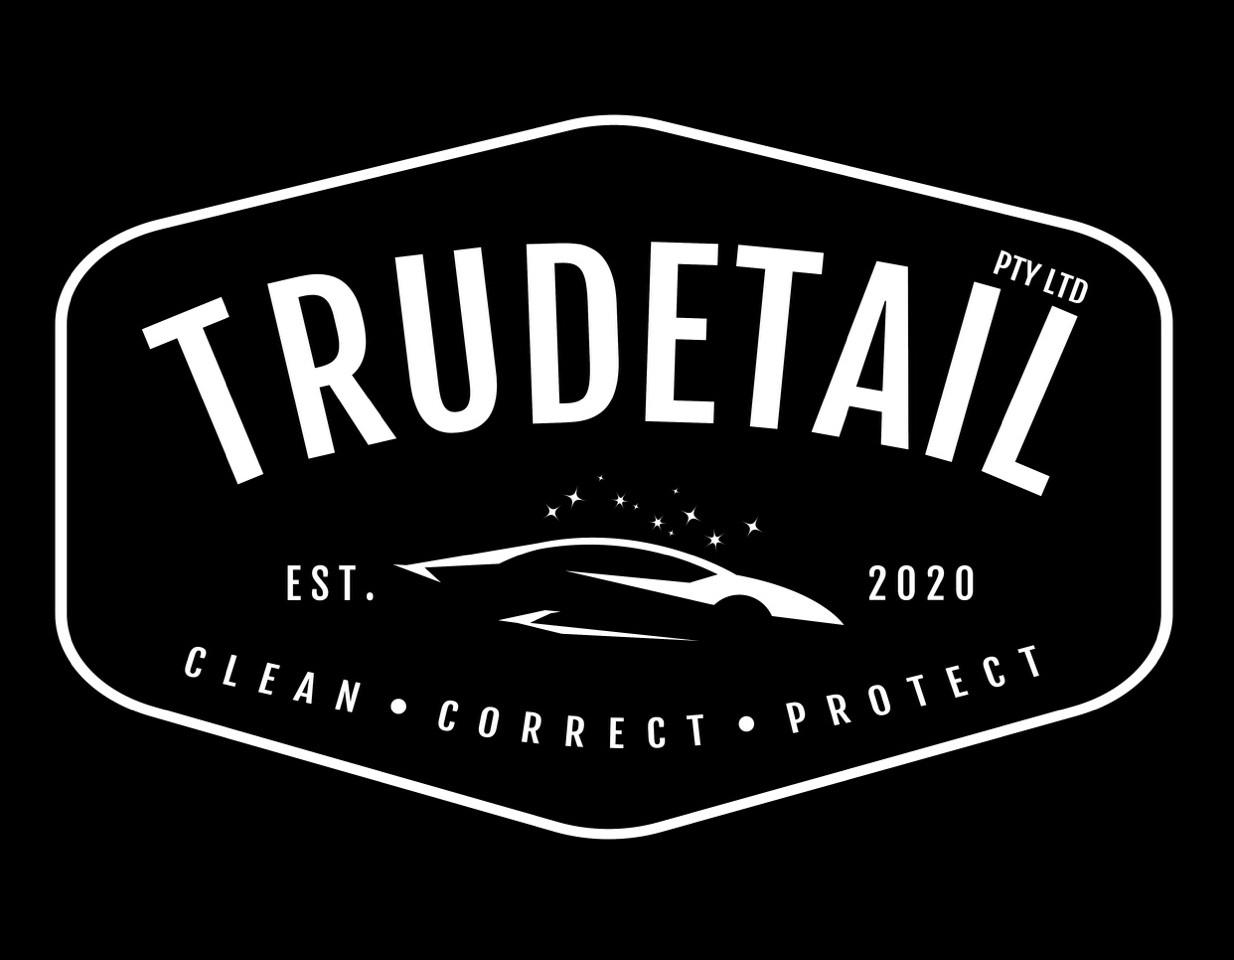 TruDetail Website